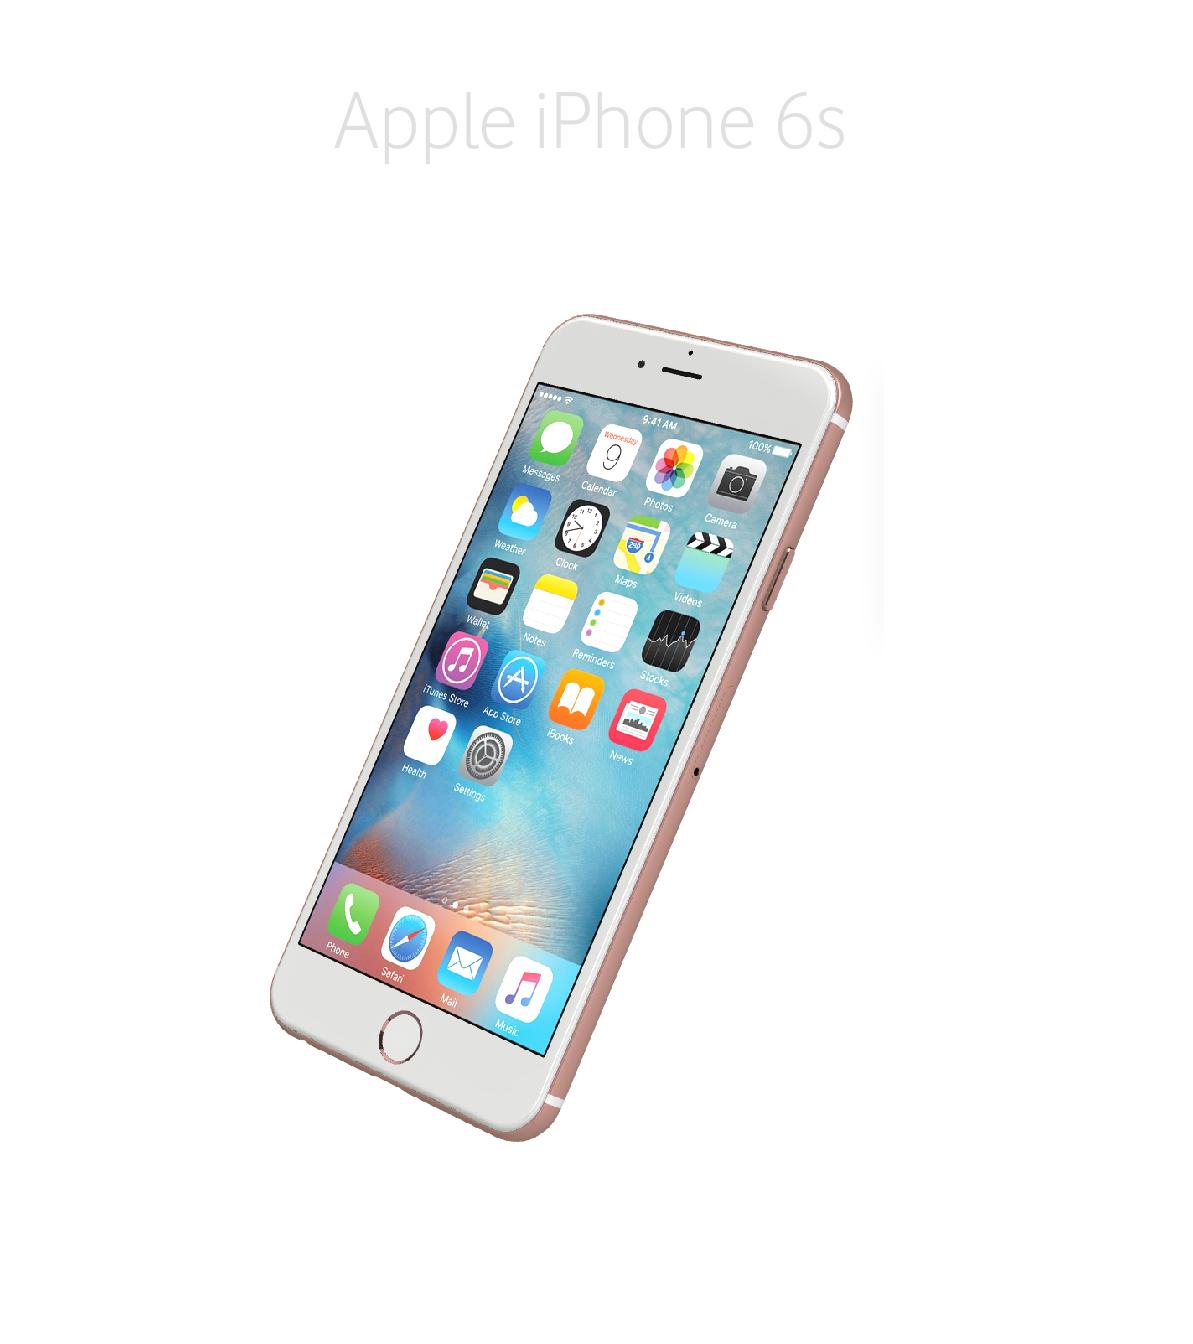 Laga framsida/glas/skärm iPhone 6s